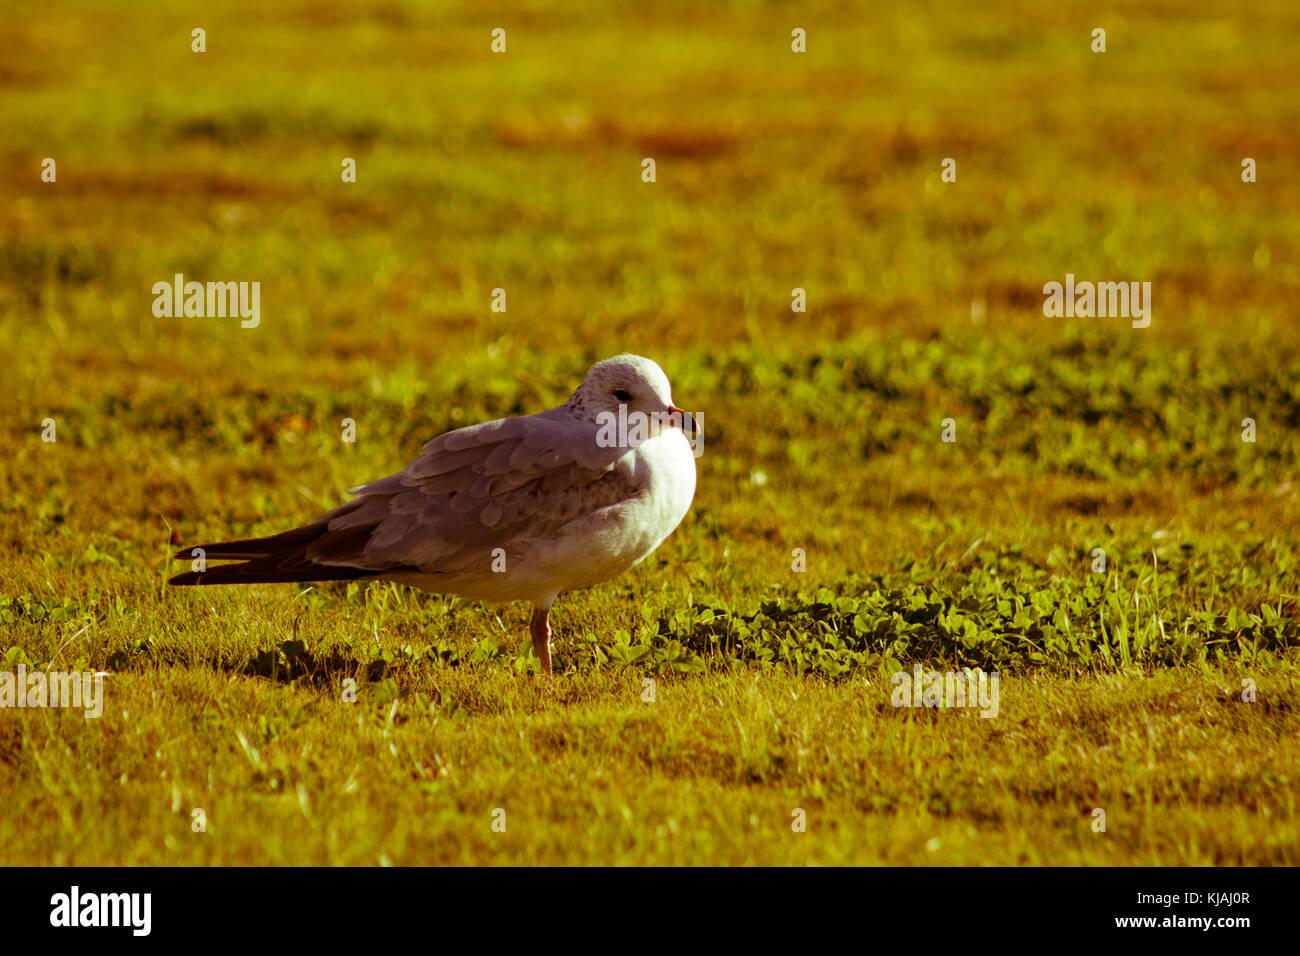 Close up of bird - Stock Image